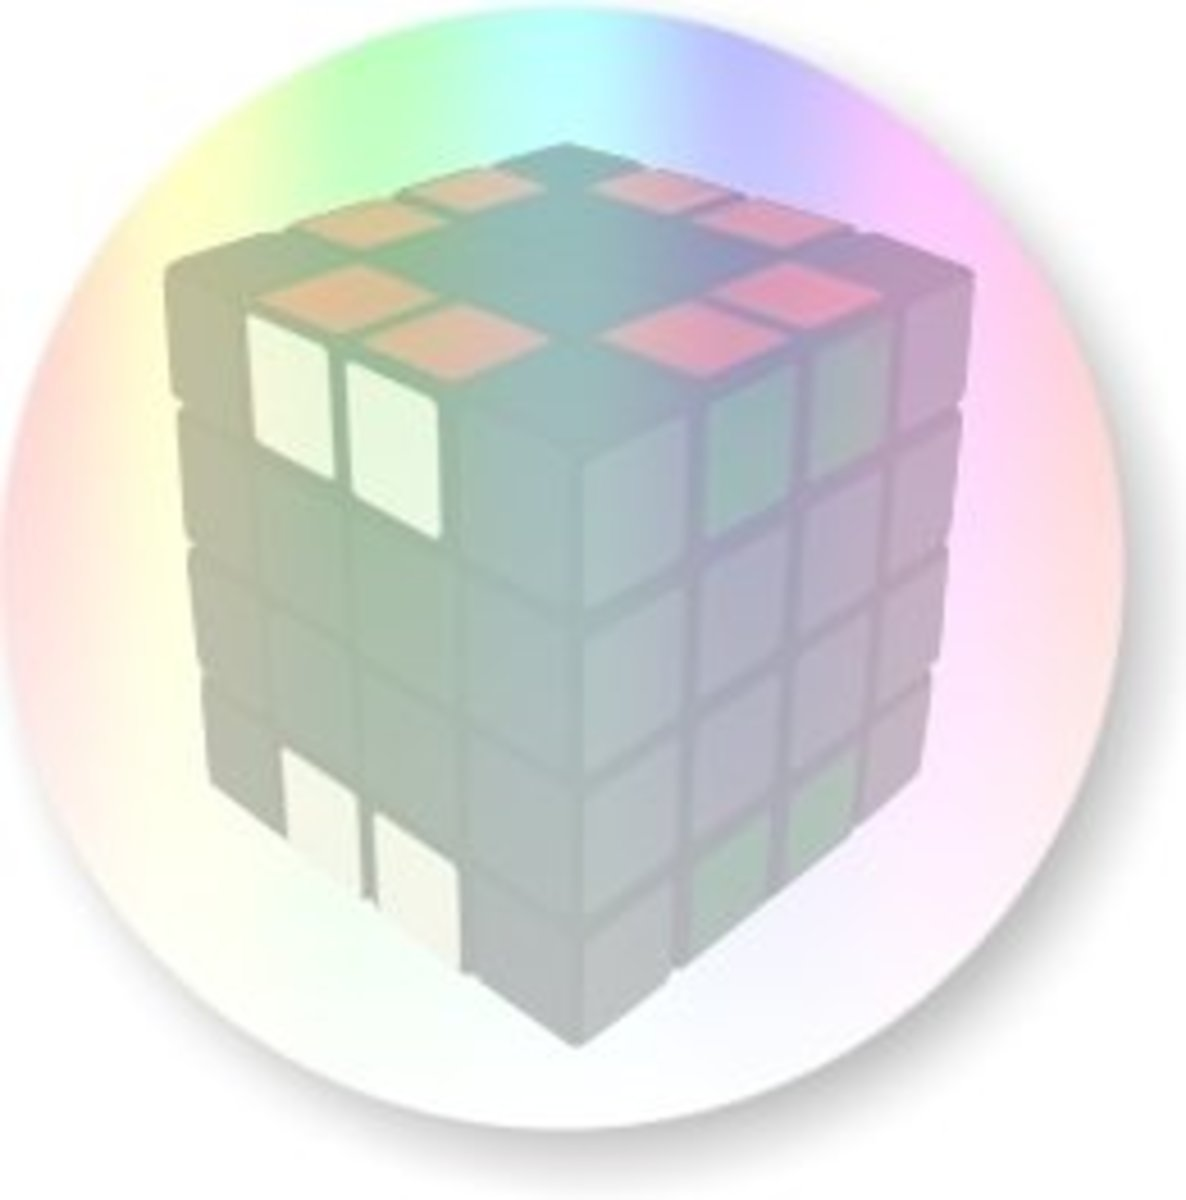 Rubiks Revenge - Pairing up the Edges